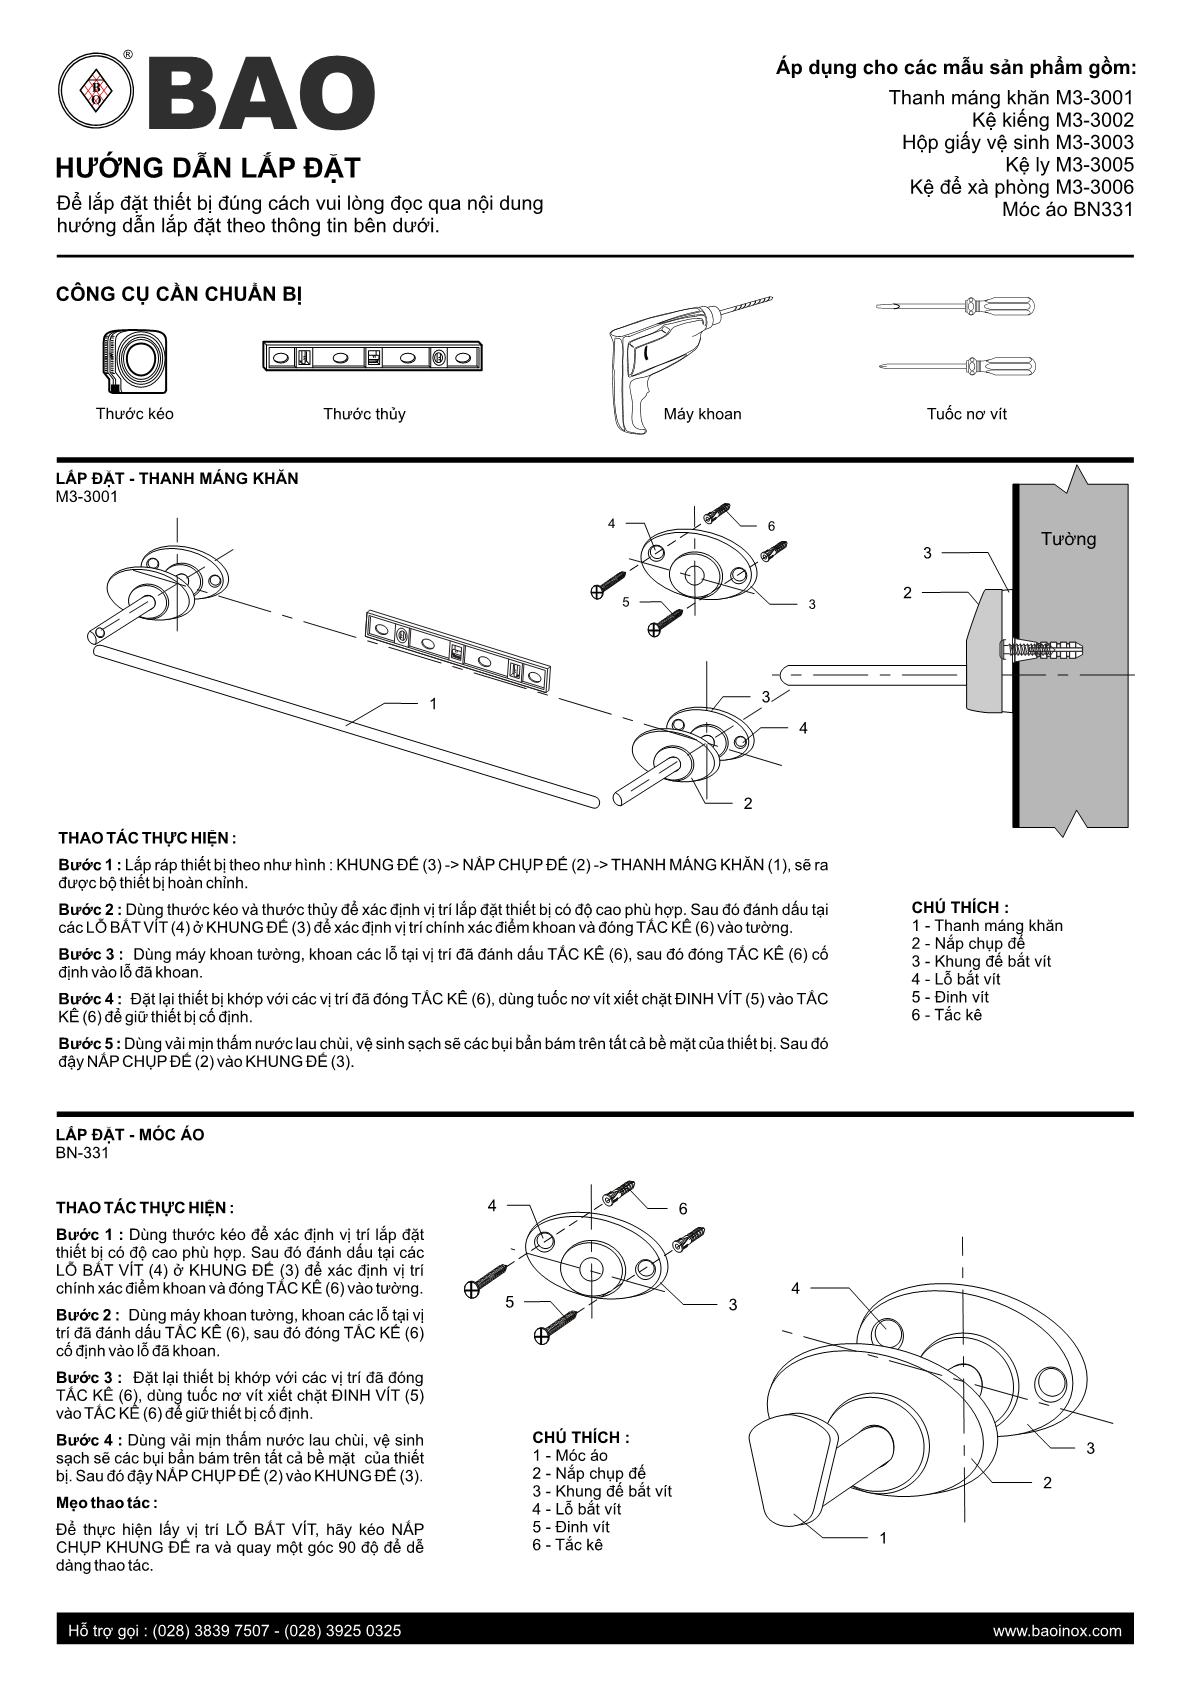 hướng dẫn lắp đặt phụ kiện phòng tắm Bao 6m3c